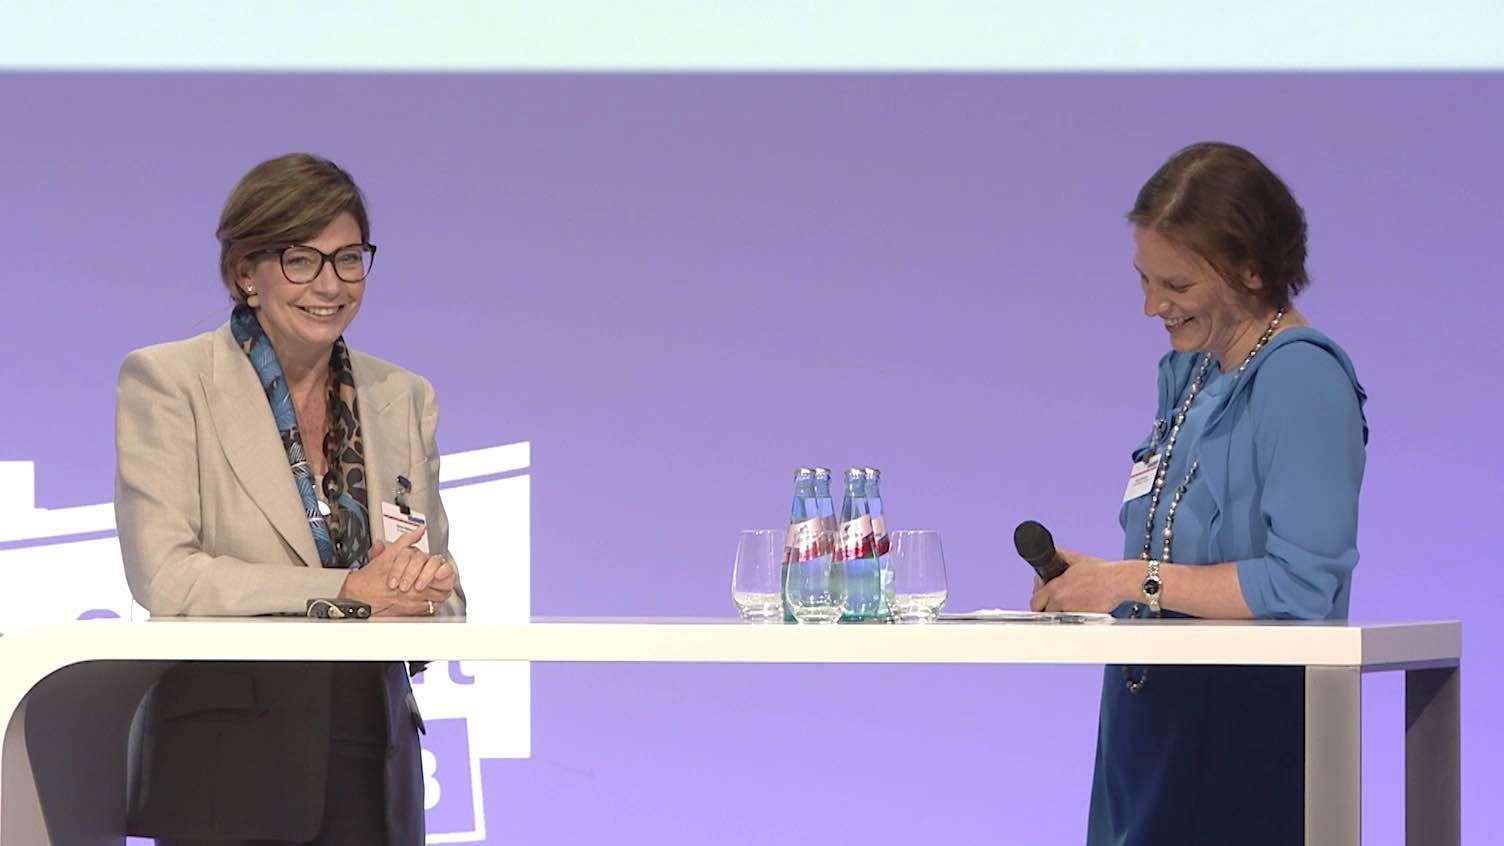 Zwei Frauen stehen an einem Tisch und führen ein Interview